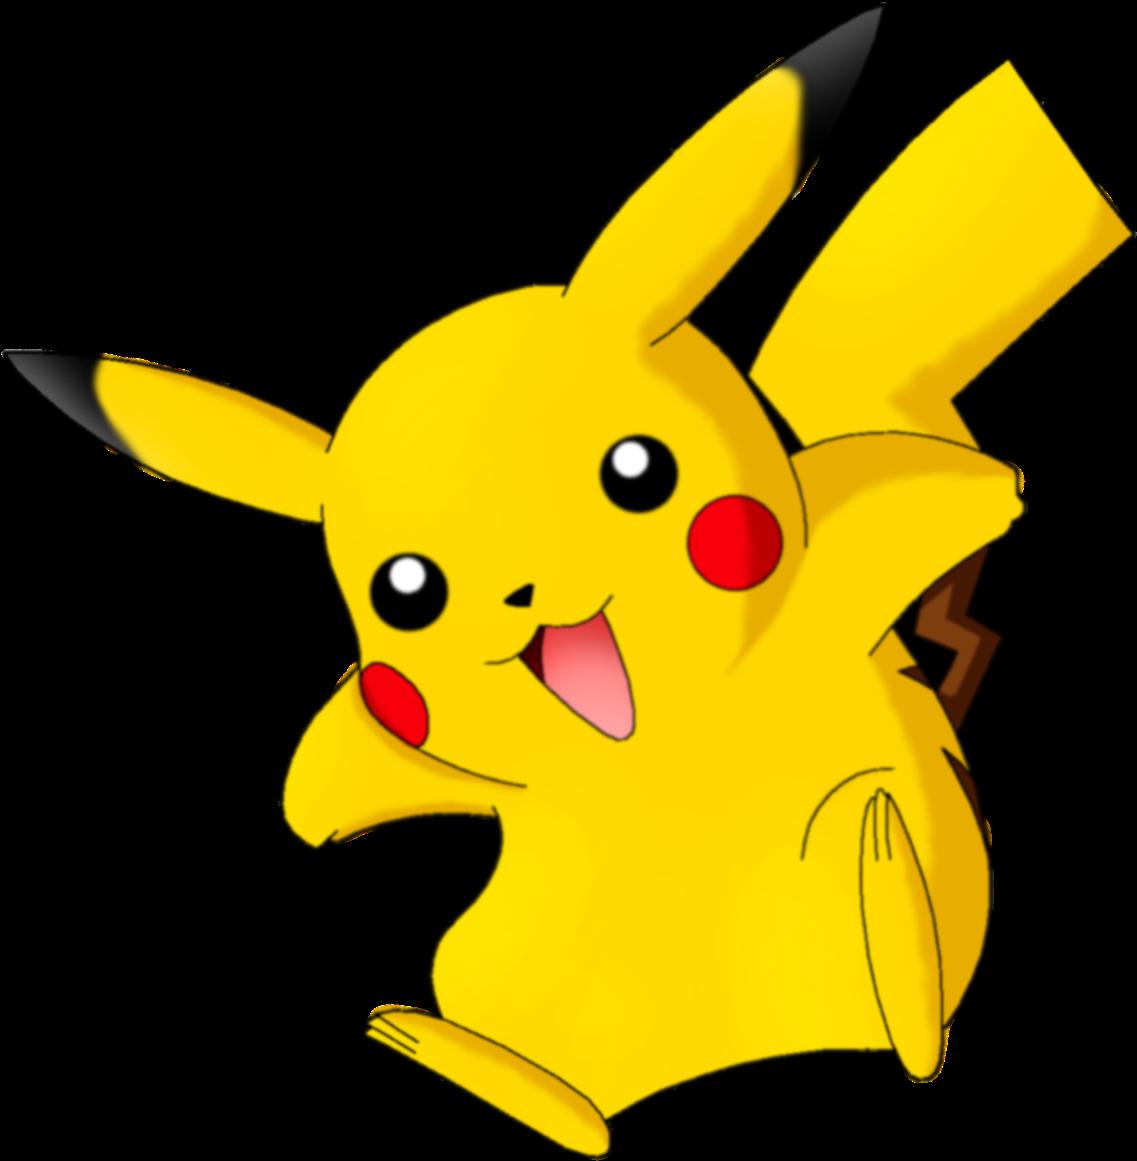 Pokémon PNG Free File Download